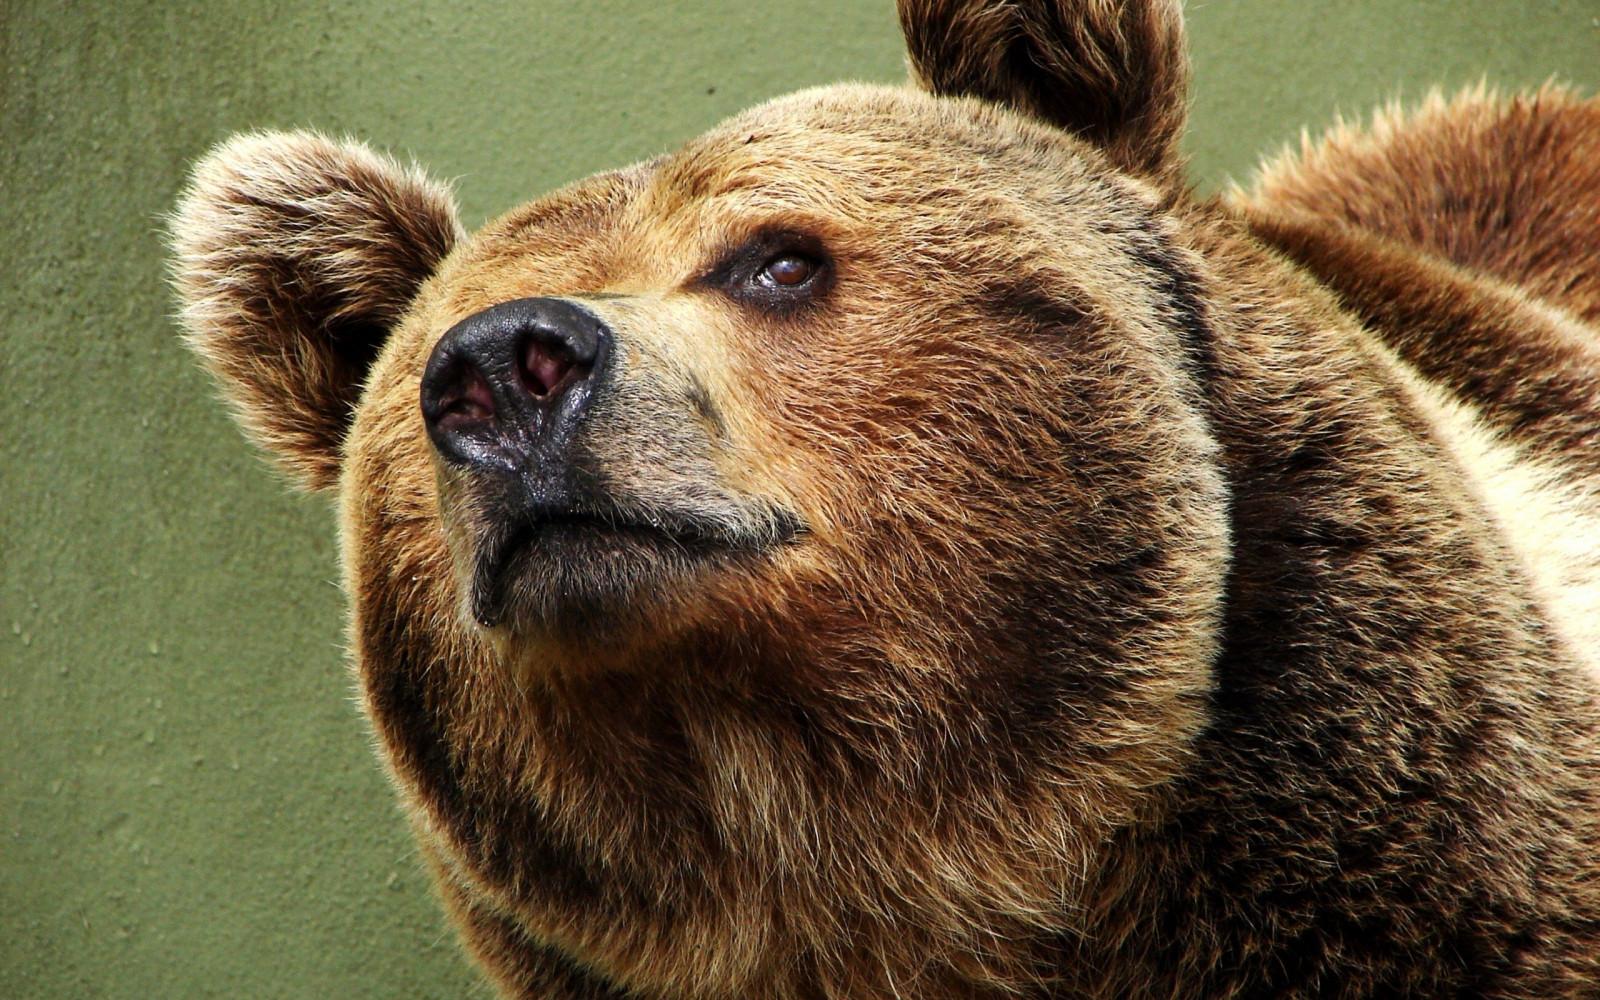 мазком атерхольт ухо медведя картинка должна